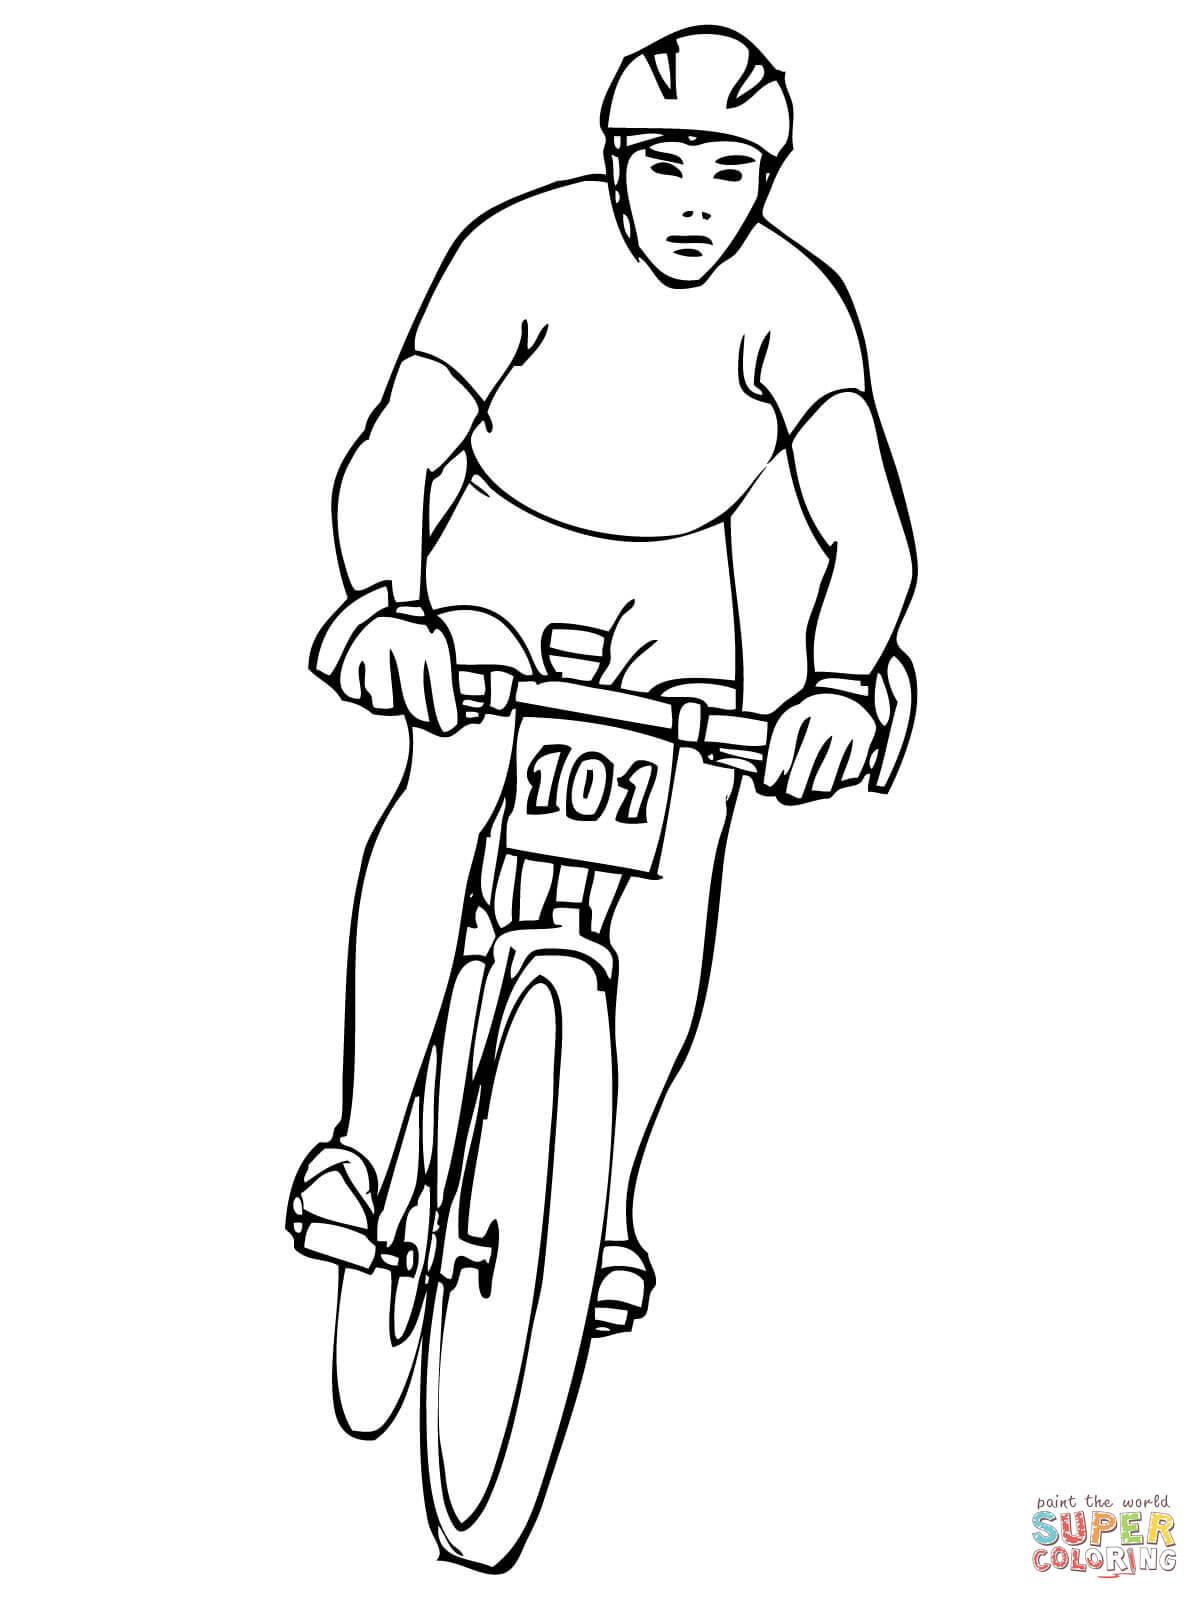 Drawn bike coloring page #15